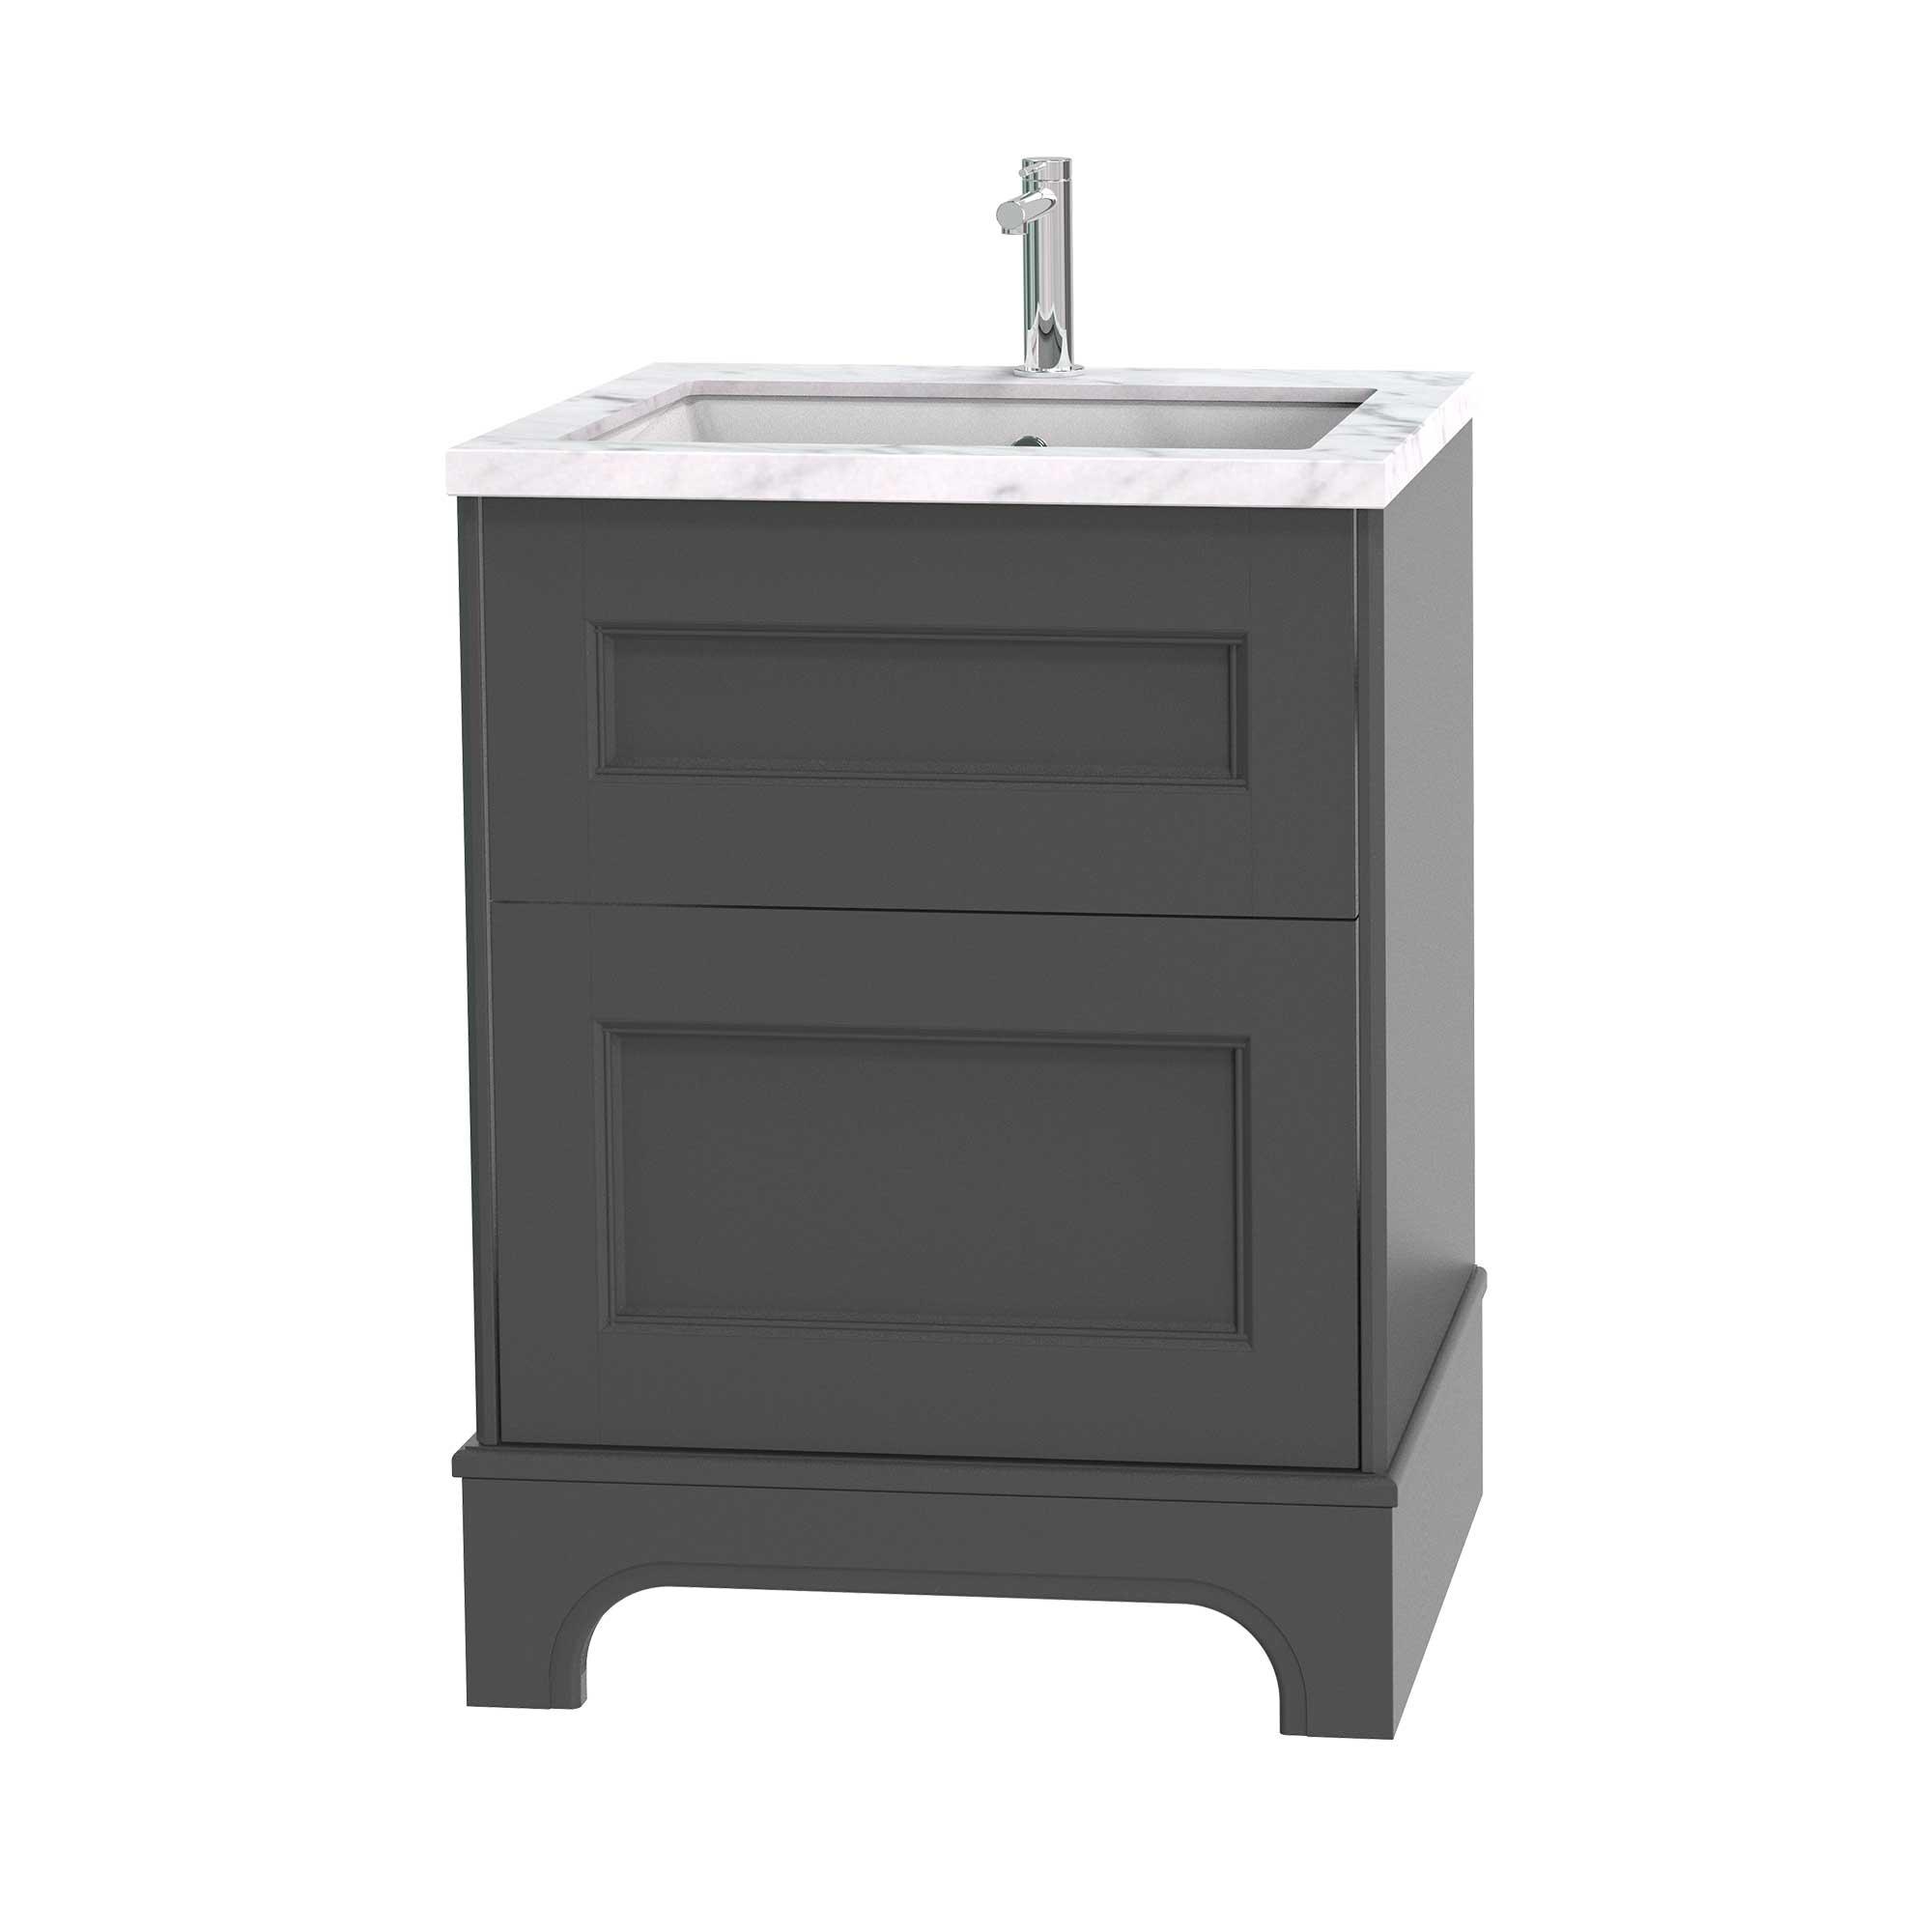 Tvättställsskåp Miller Badrum Kensington 60 med Lådor med Sockel för Bänkskiva